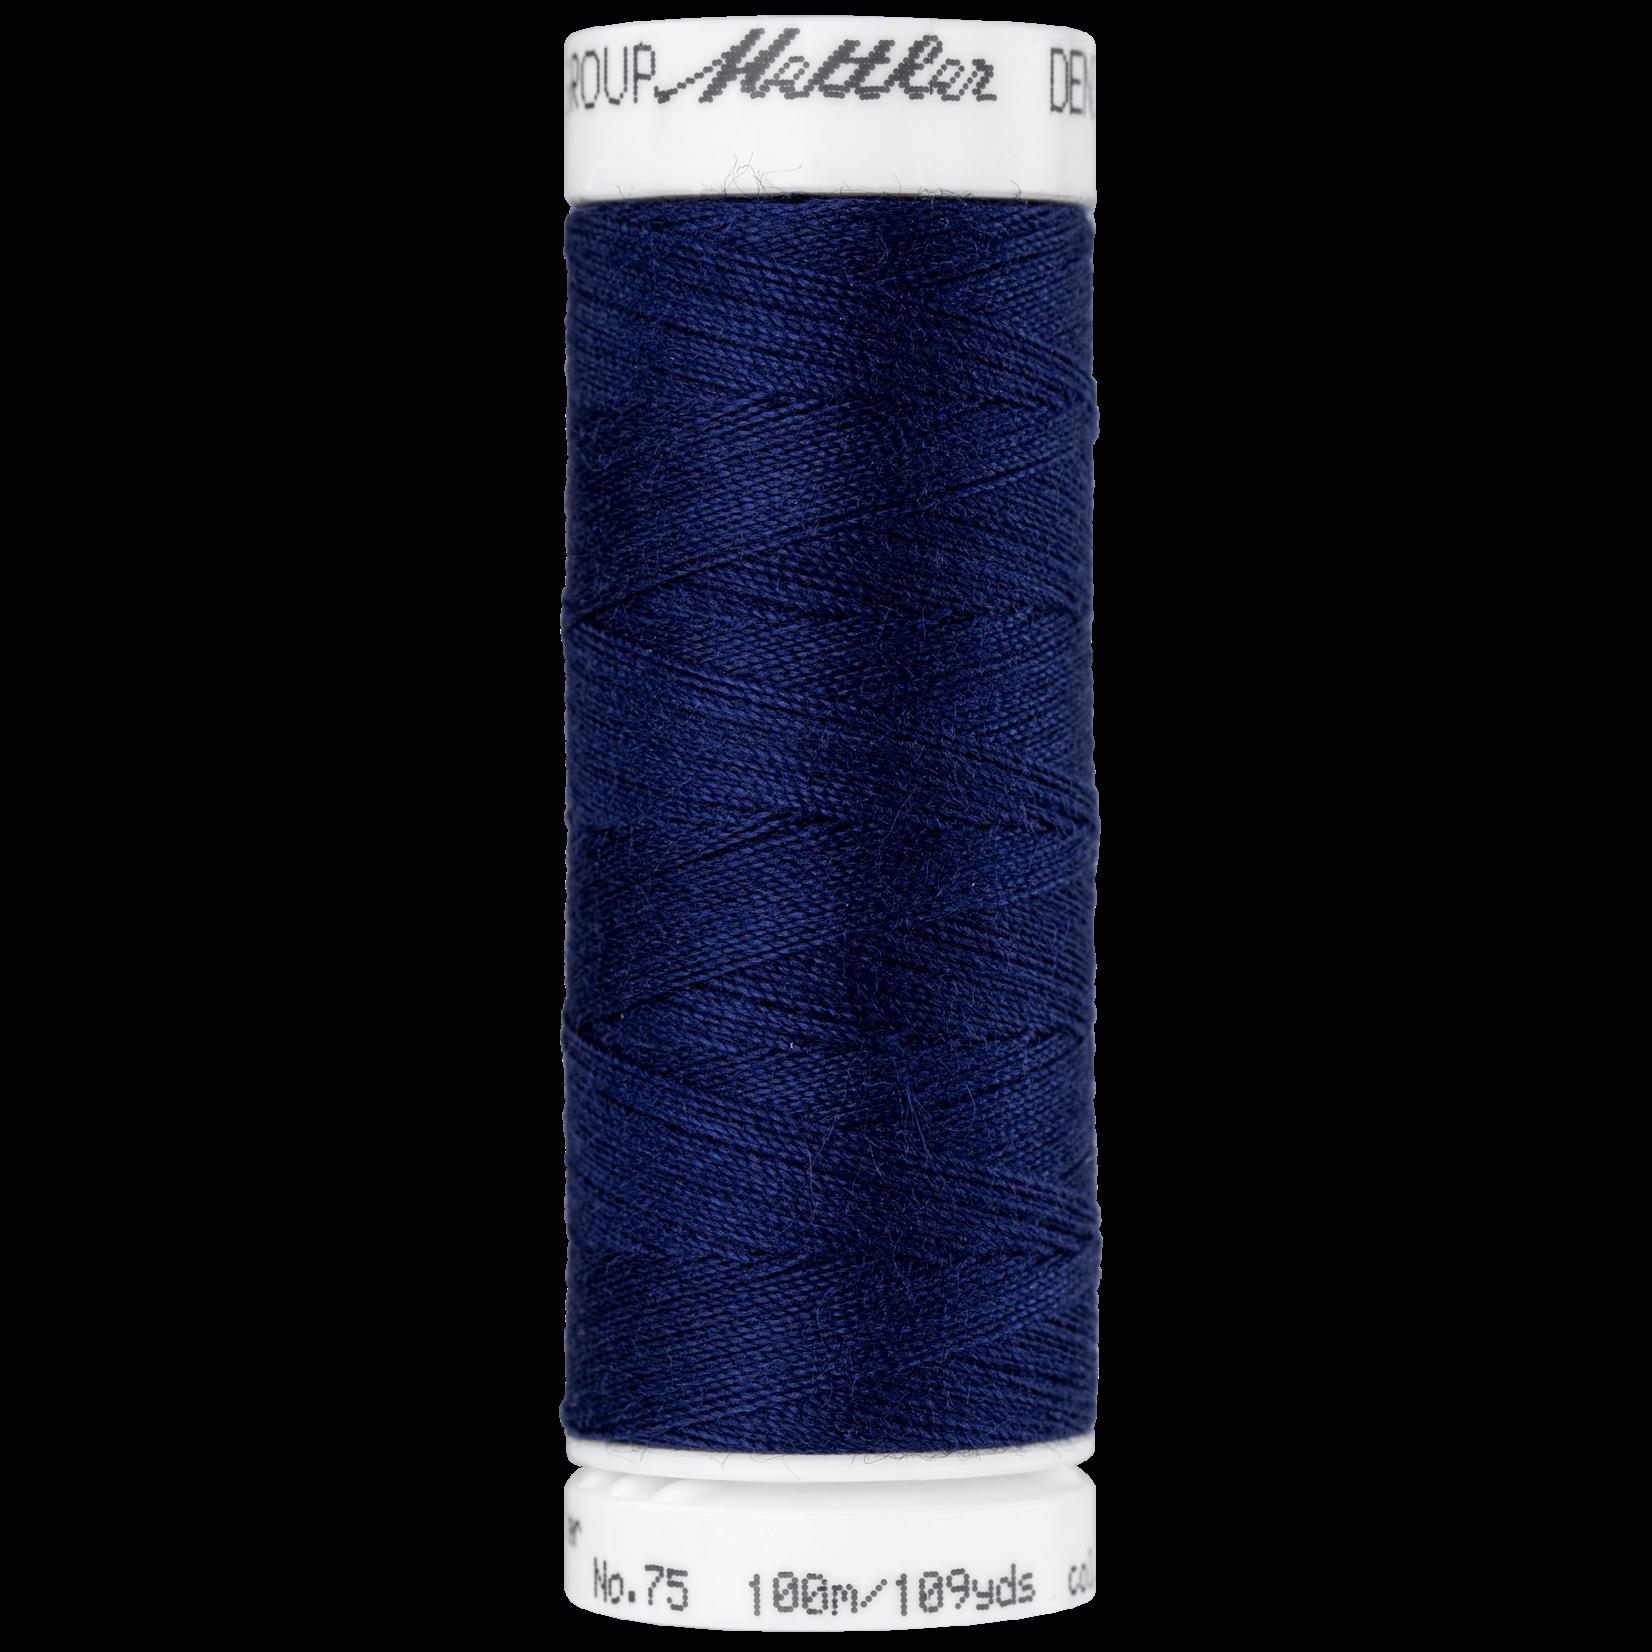 Amann Mettler Denim Doc - #75 - 100 m - 3561 Night Blue